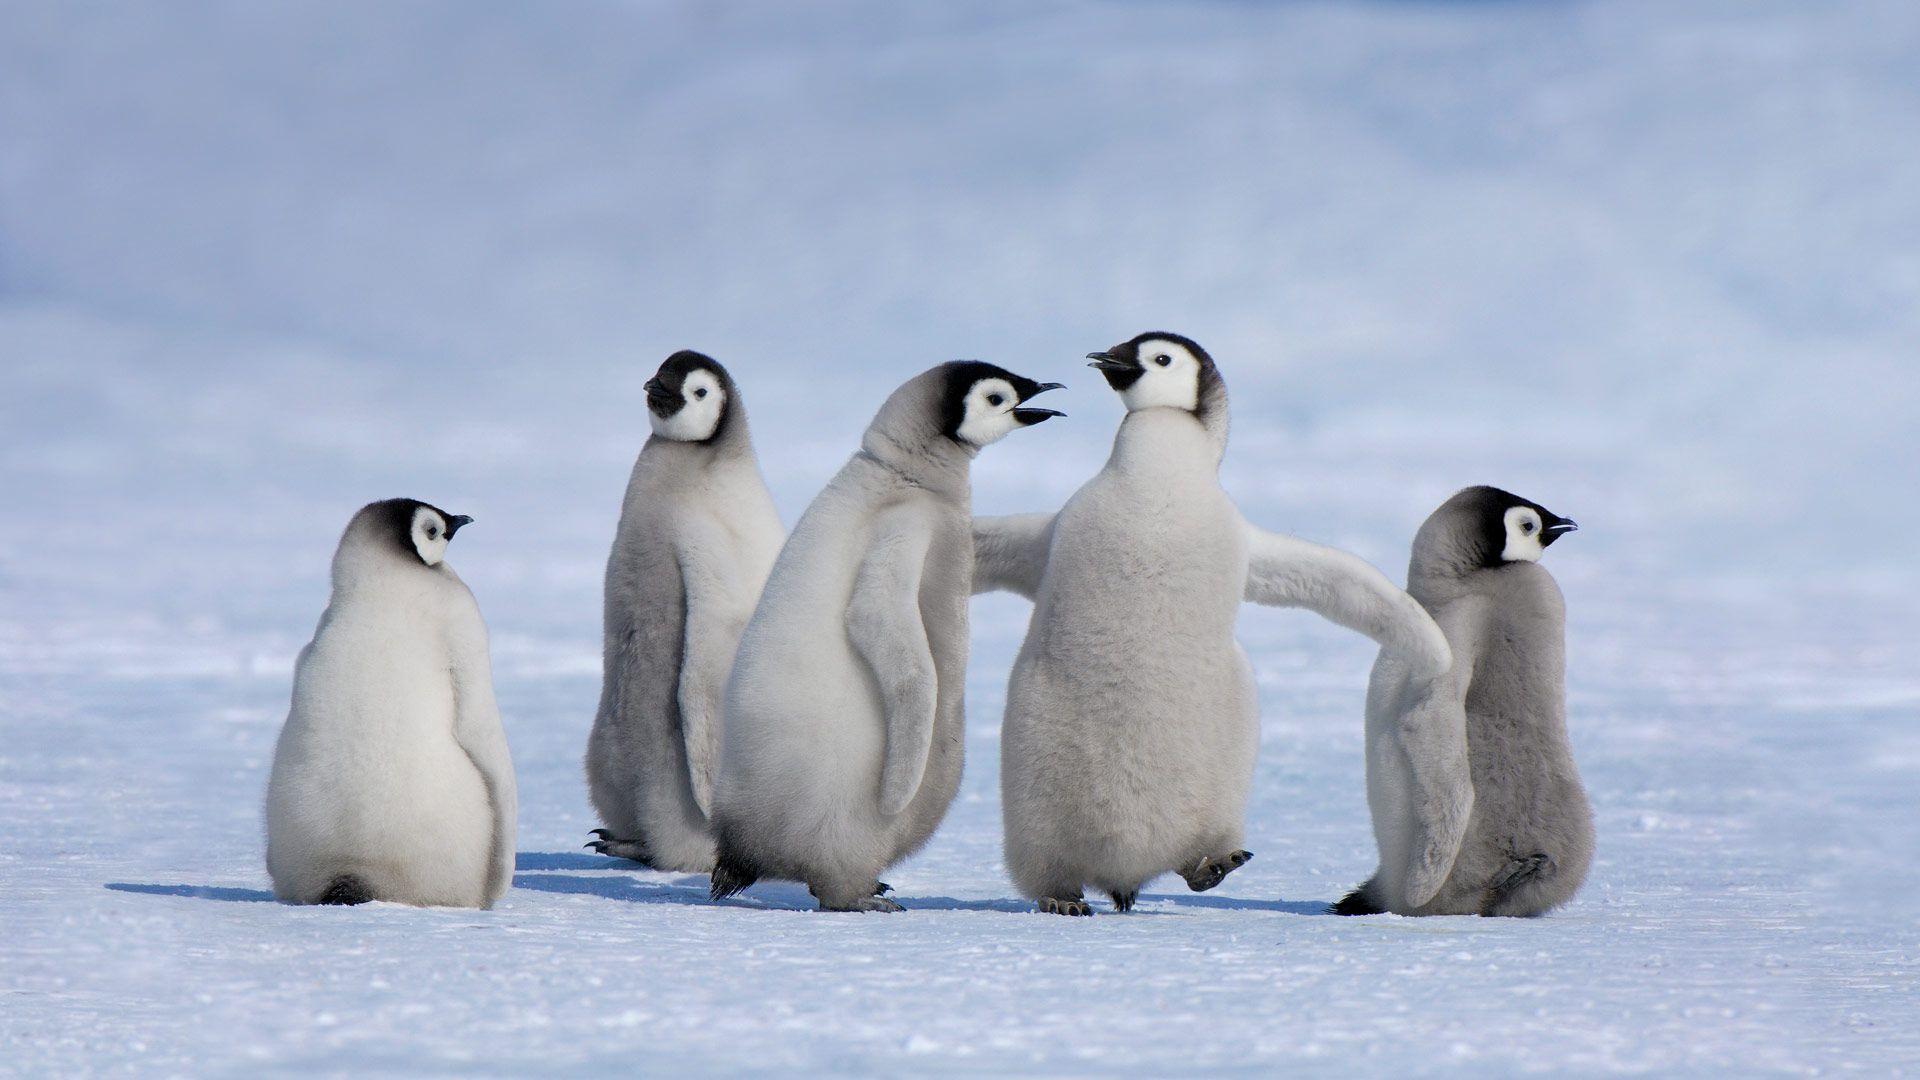 Emperor penguin chicks in Antarctica (© Jan Vermeer/Minden ...